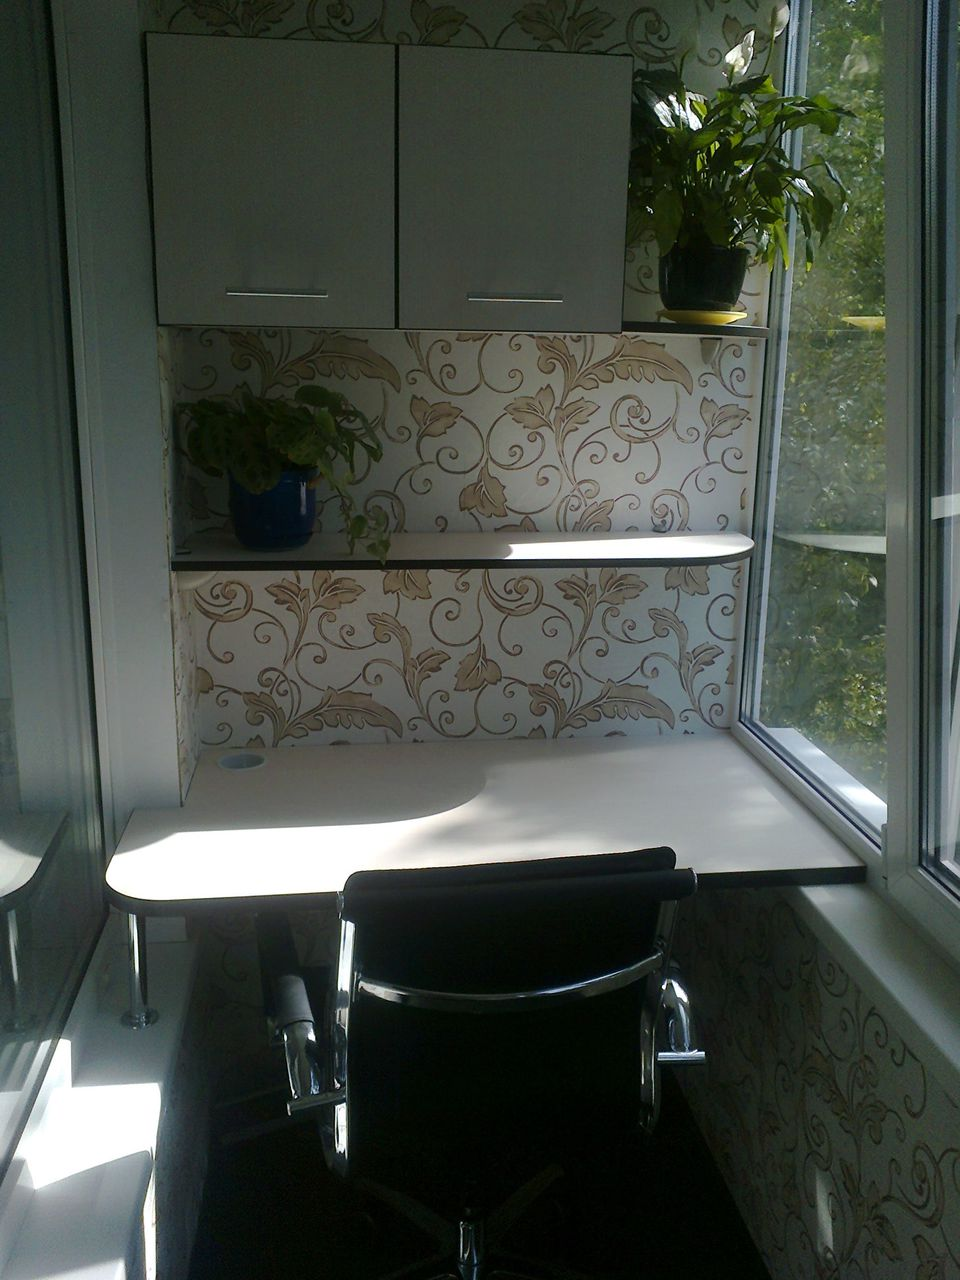 Кабинетная мебель на балконе